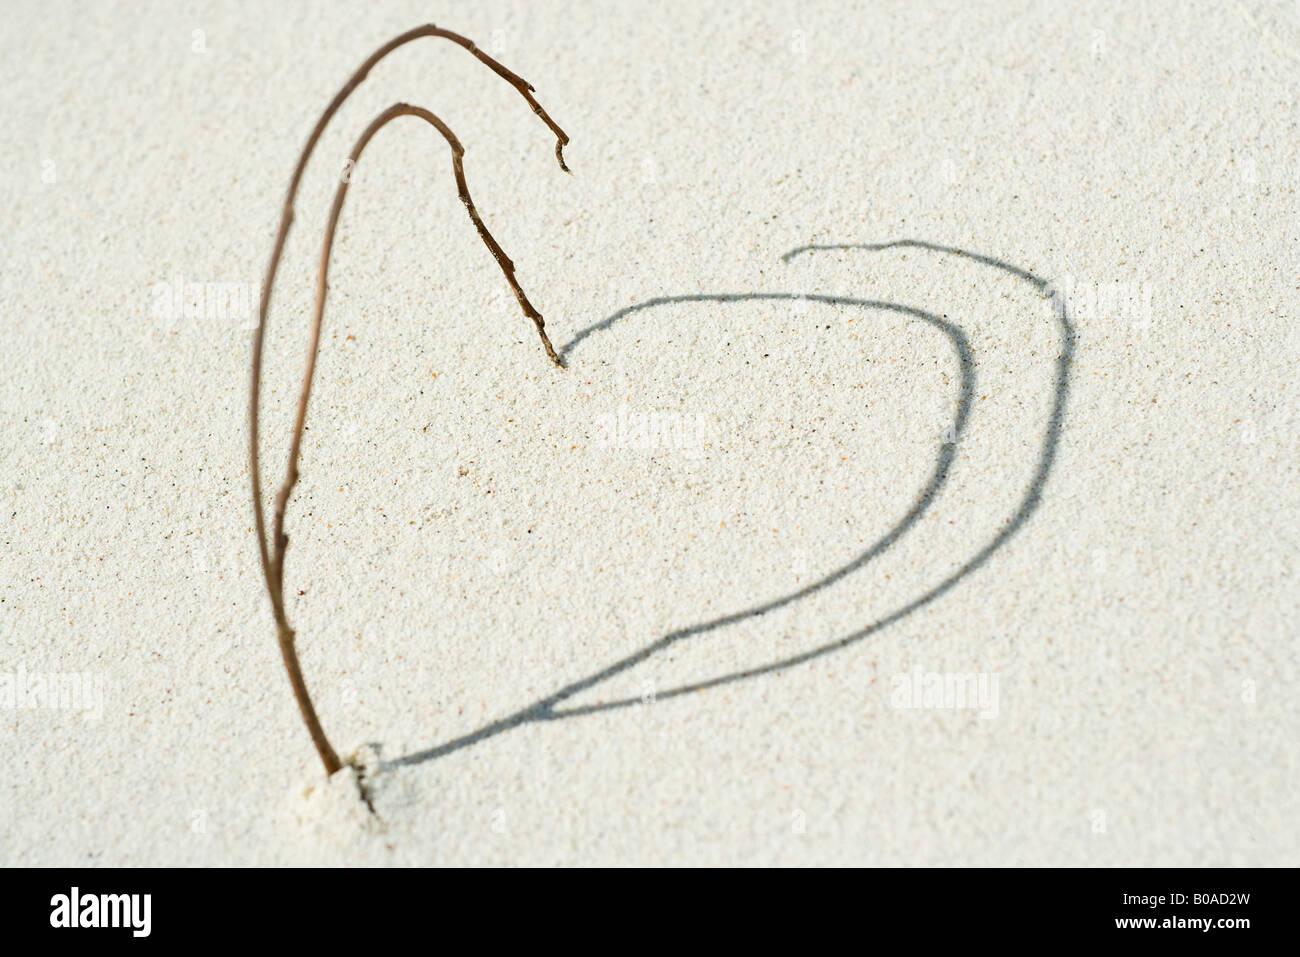 Les brindilles et les ombres disposées en forme de cœur sur la plage, close-up Banque D'Images